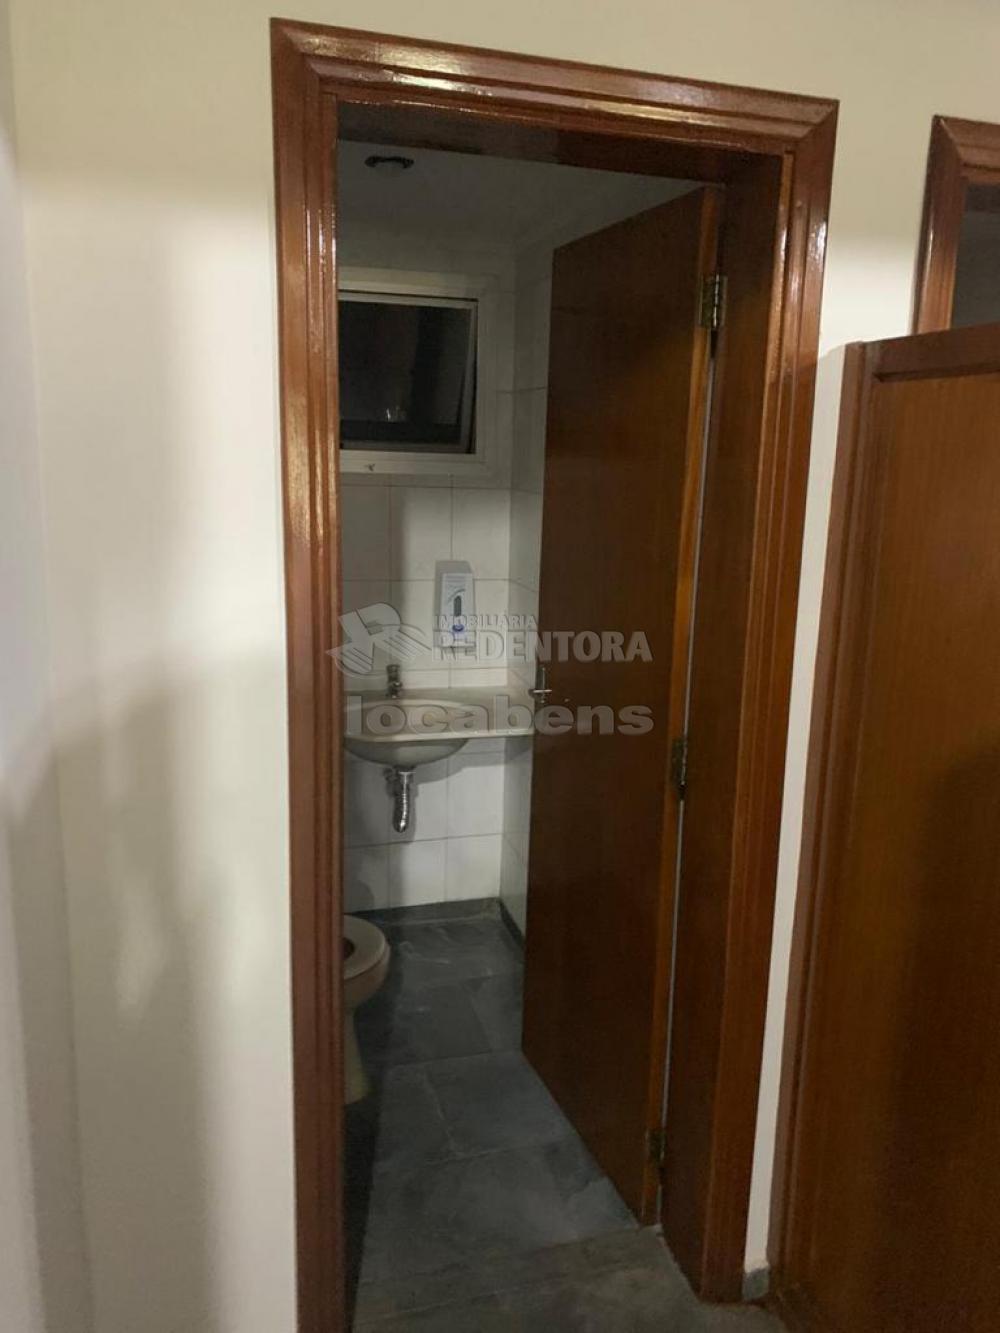 Comprar Comercial / Sala em São José do Rio Preto R$ 450.000,00 - Foto 5